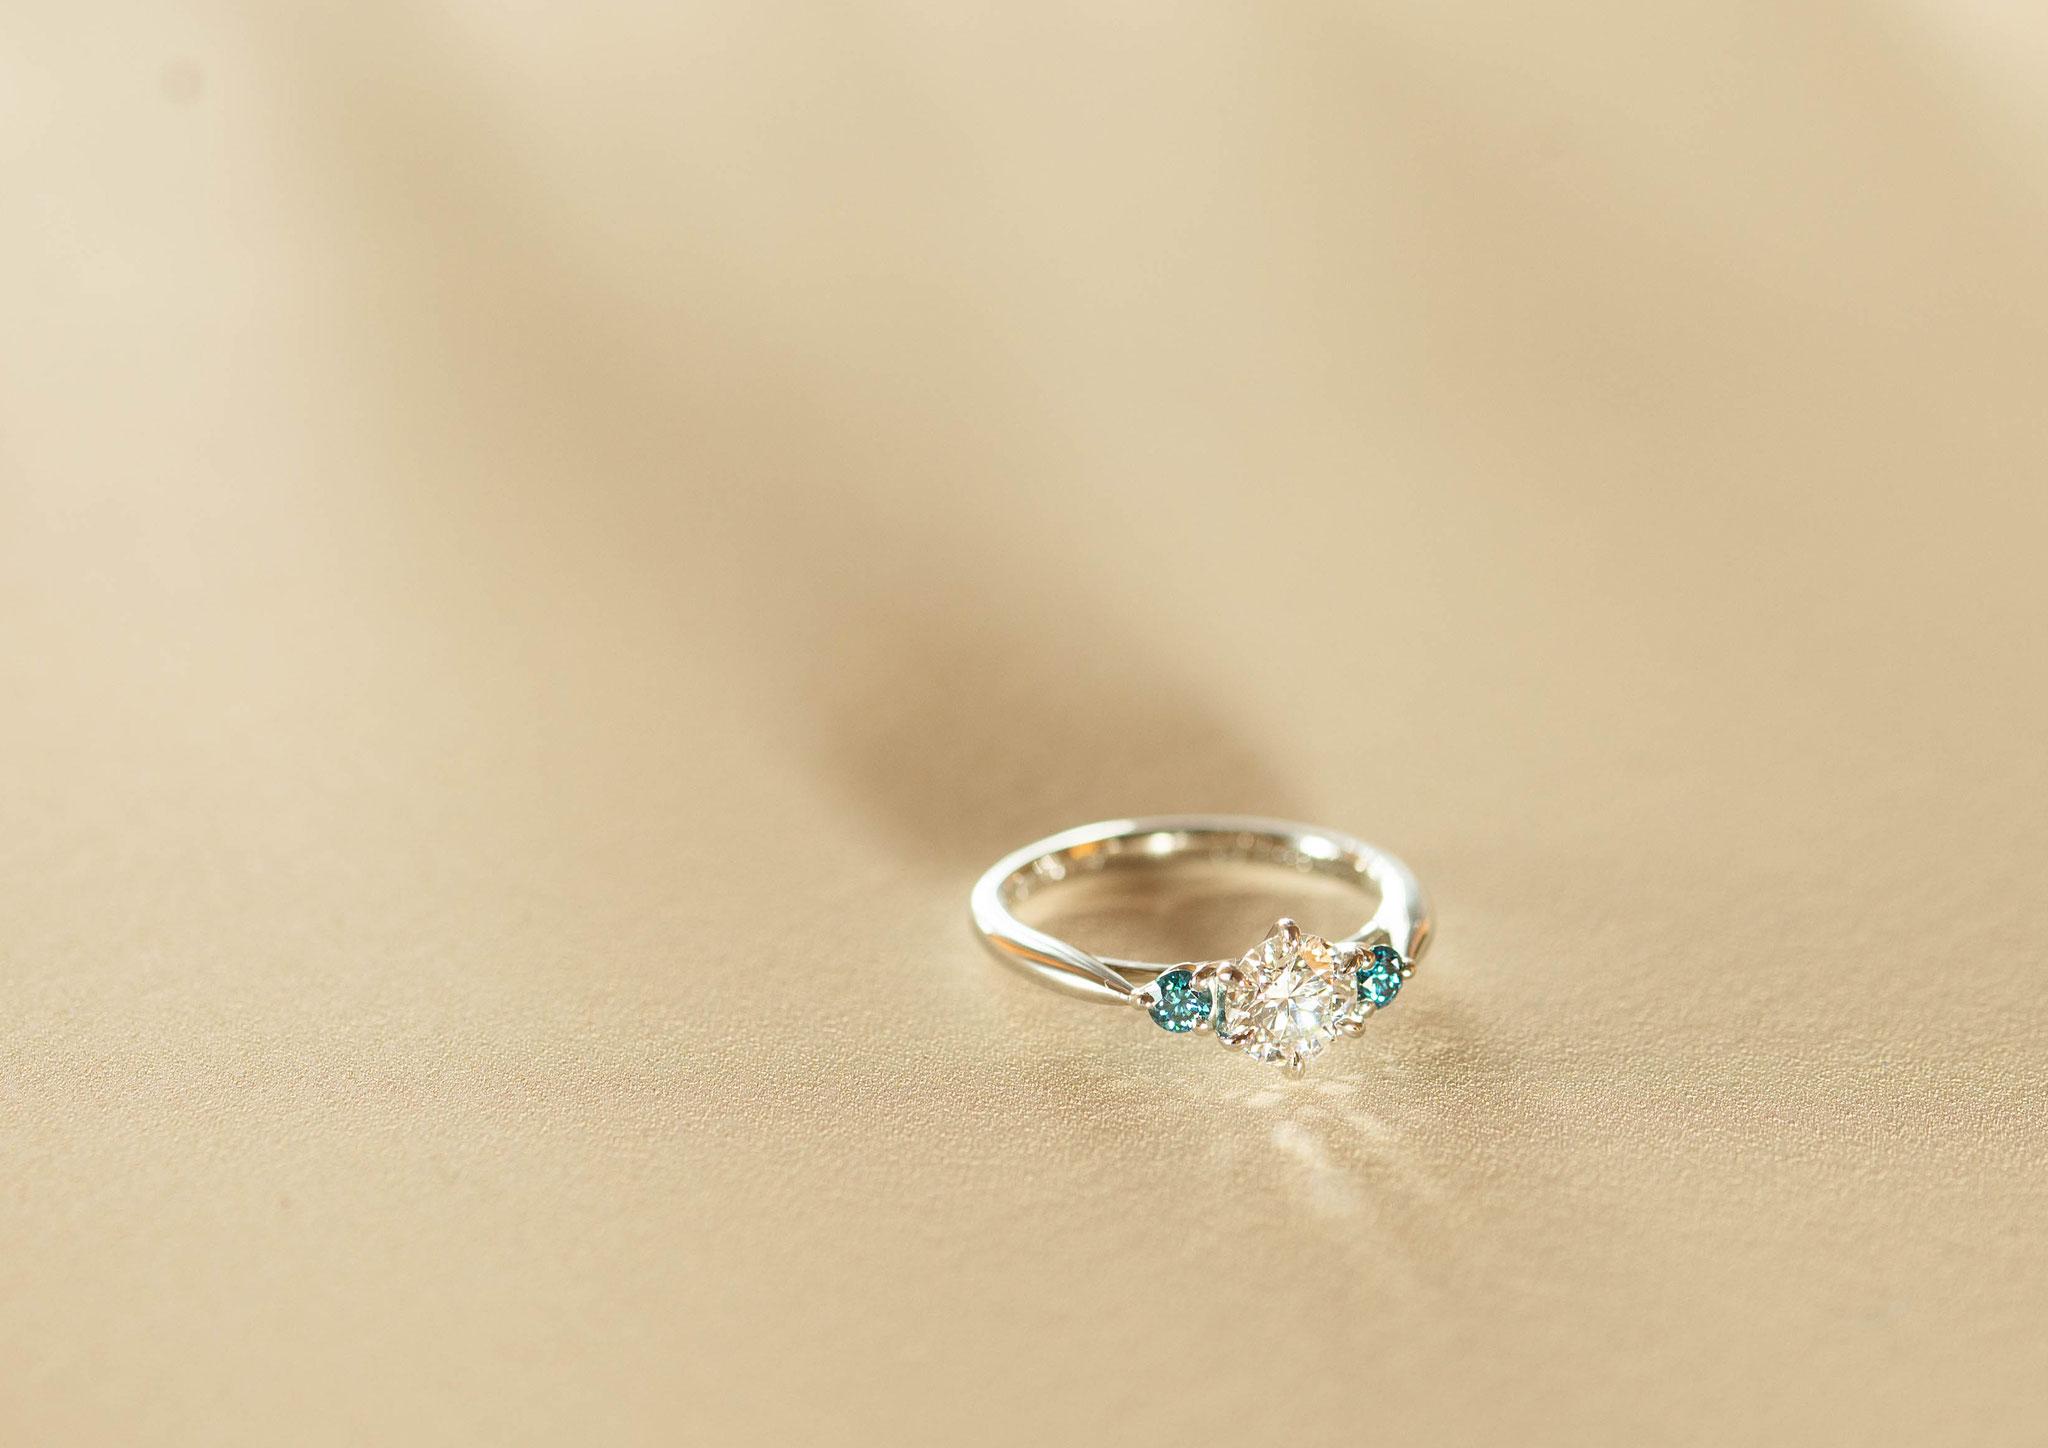 フルオーダーリフォーム 持ち込み石 ダイヤモンド 0.502ct   【Pt950×ブルートリートメントダイヤモンド 0.12ct】